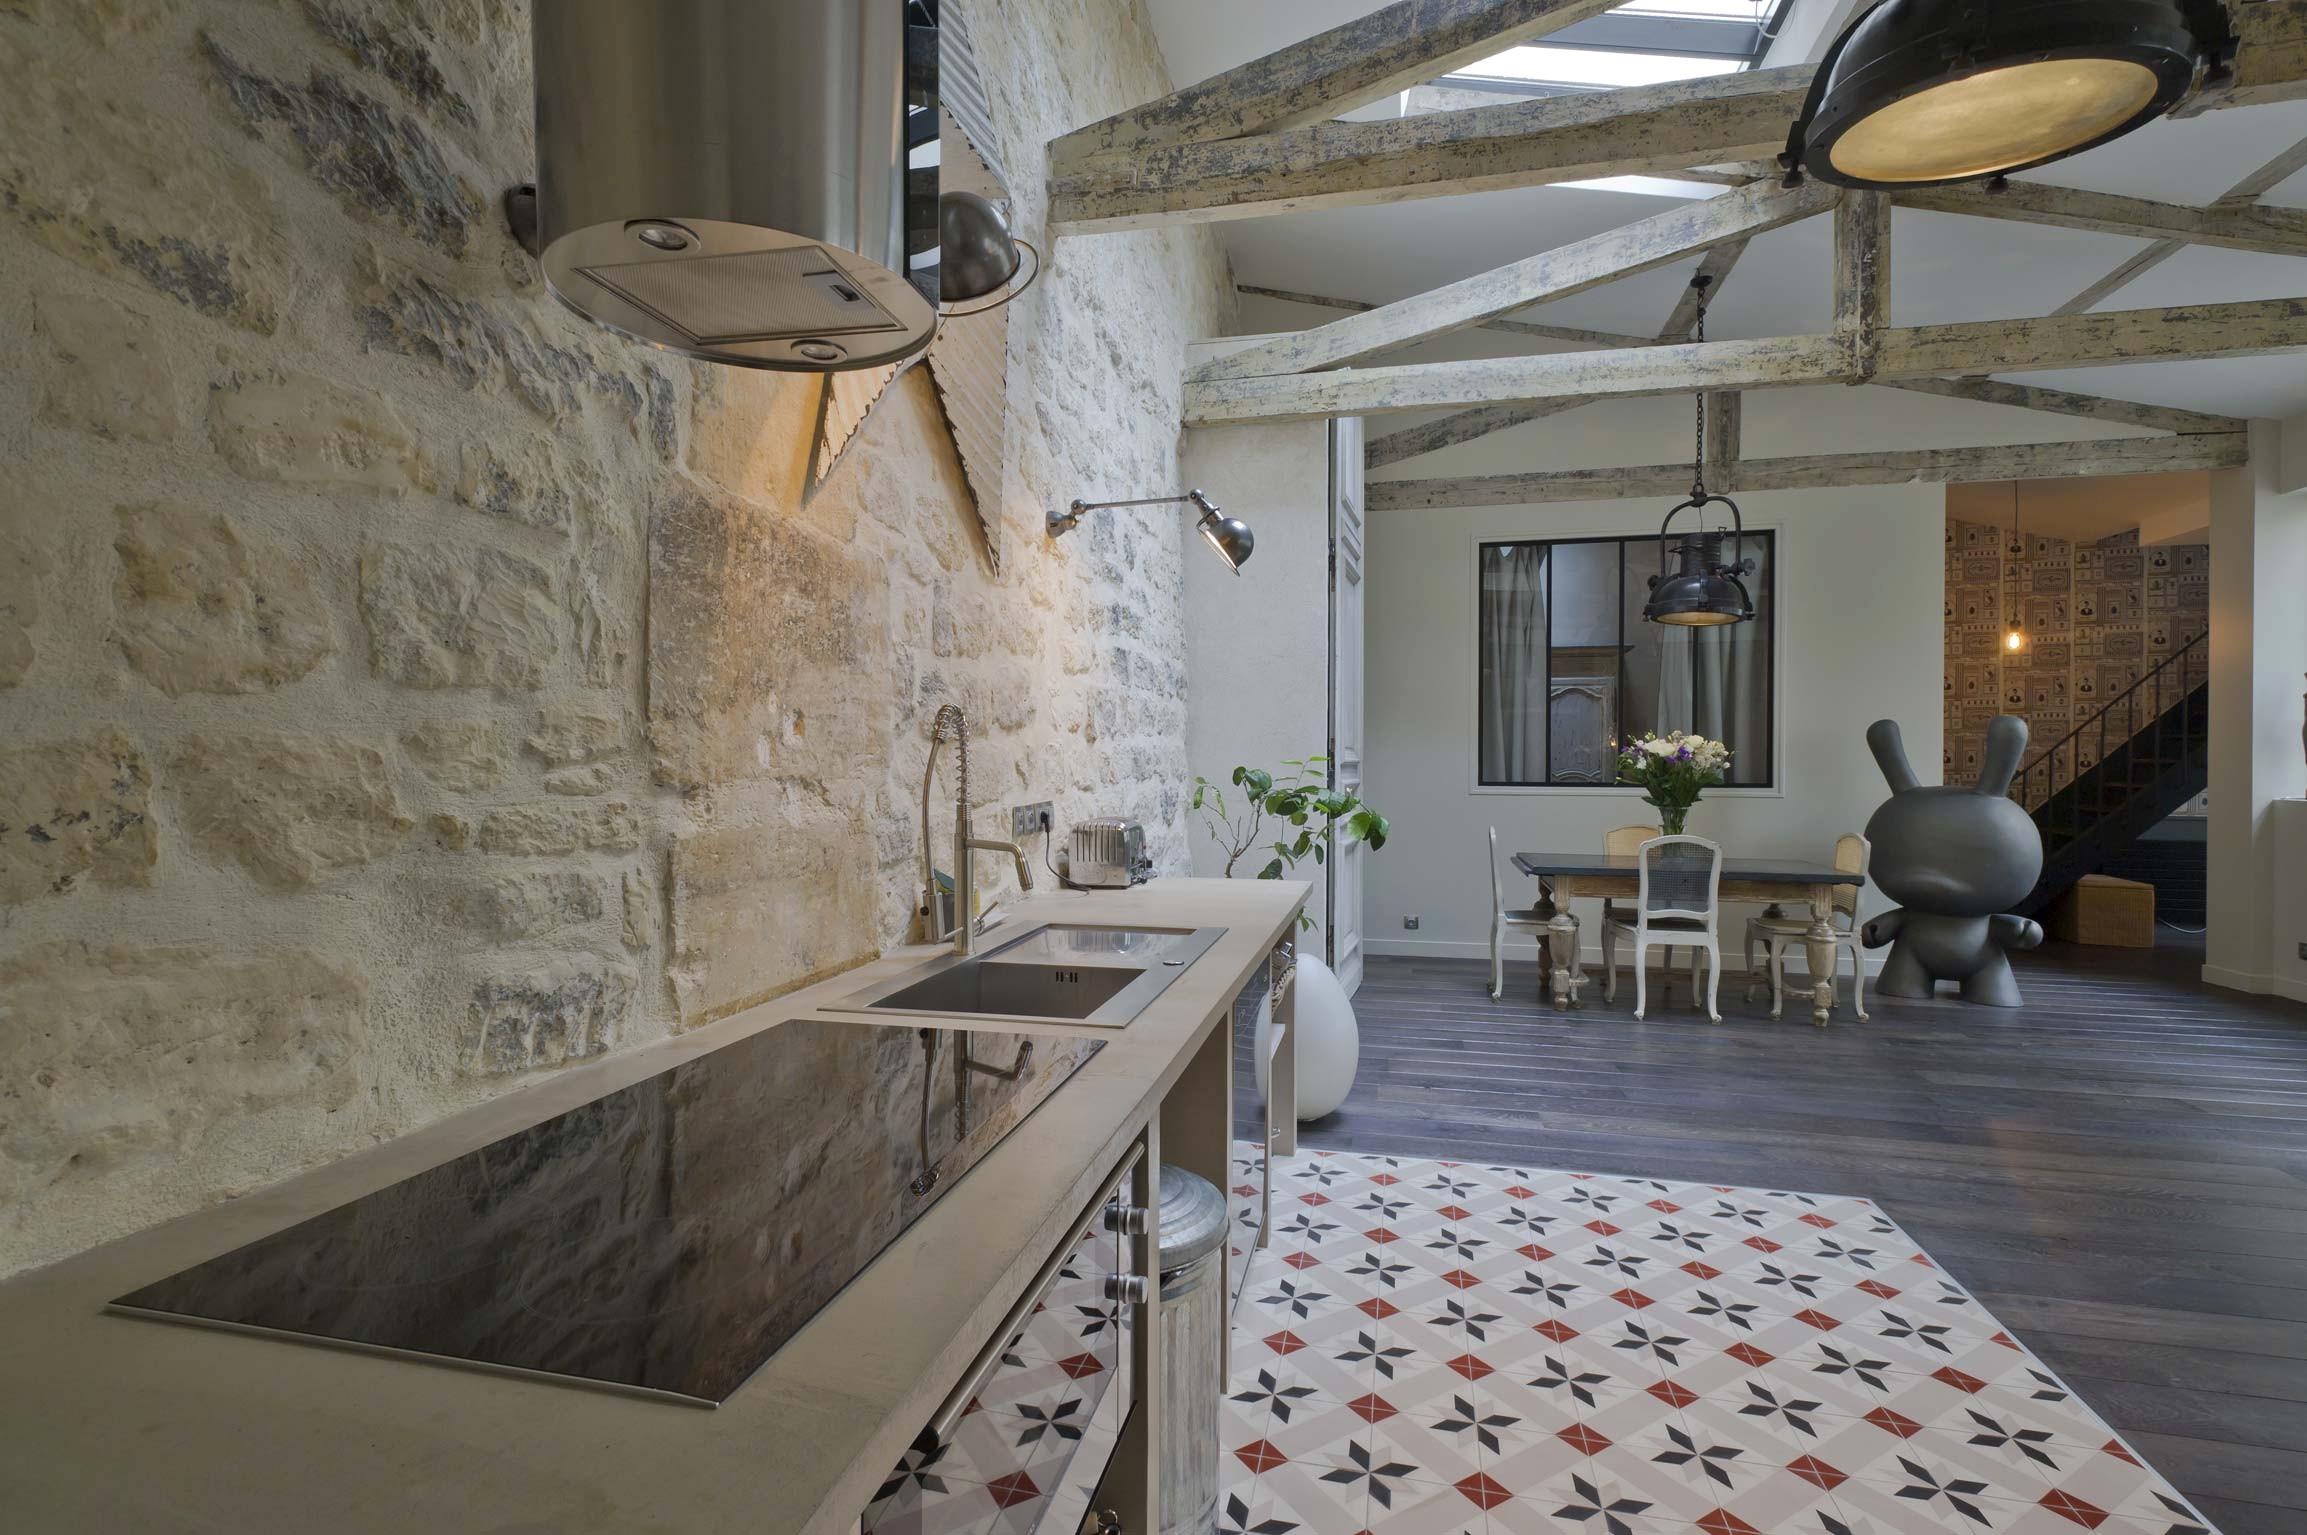 Кухня-студия в средиземноморском стиле с марокканской плиткой на полу